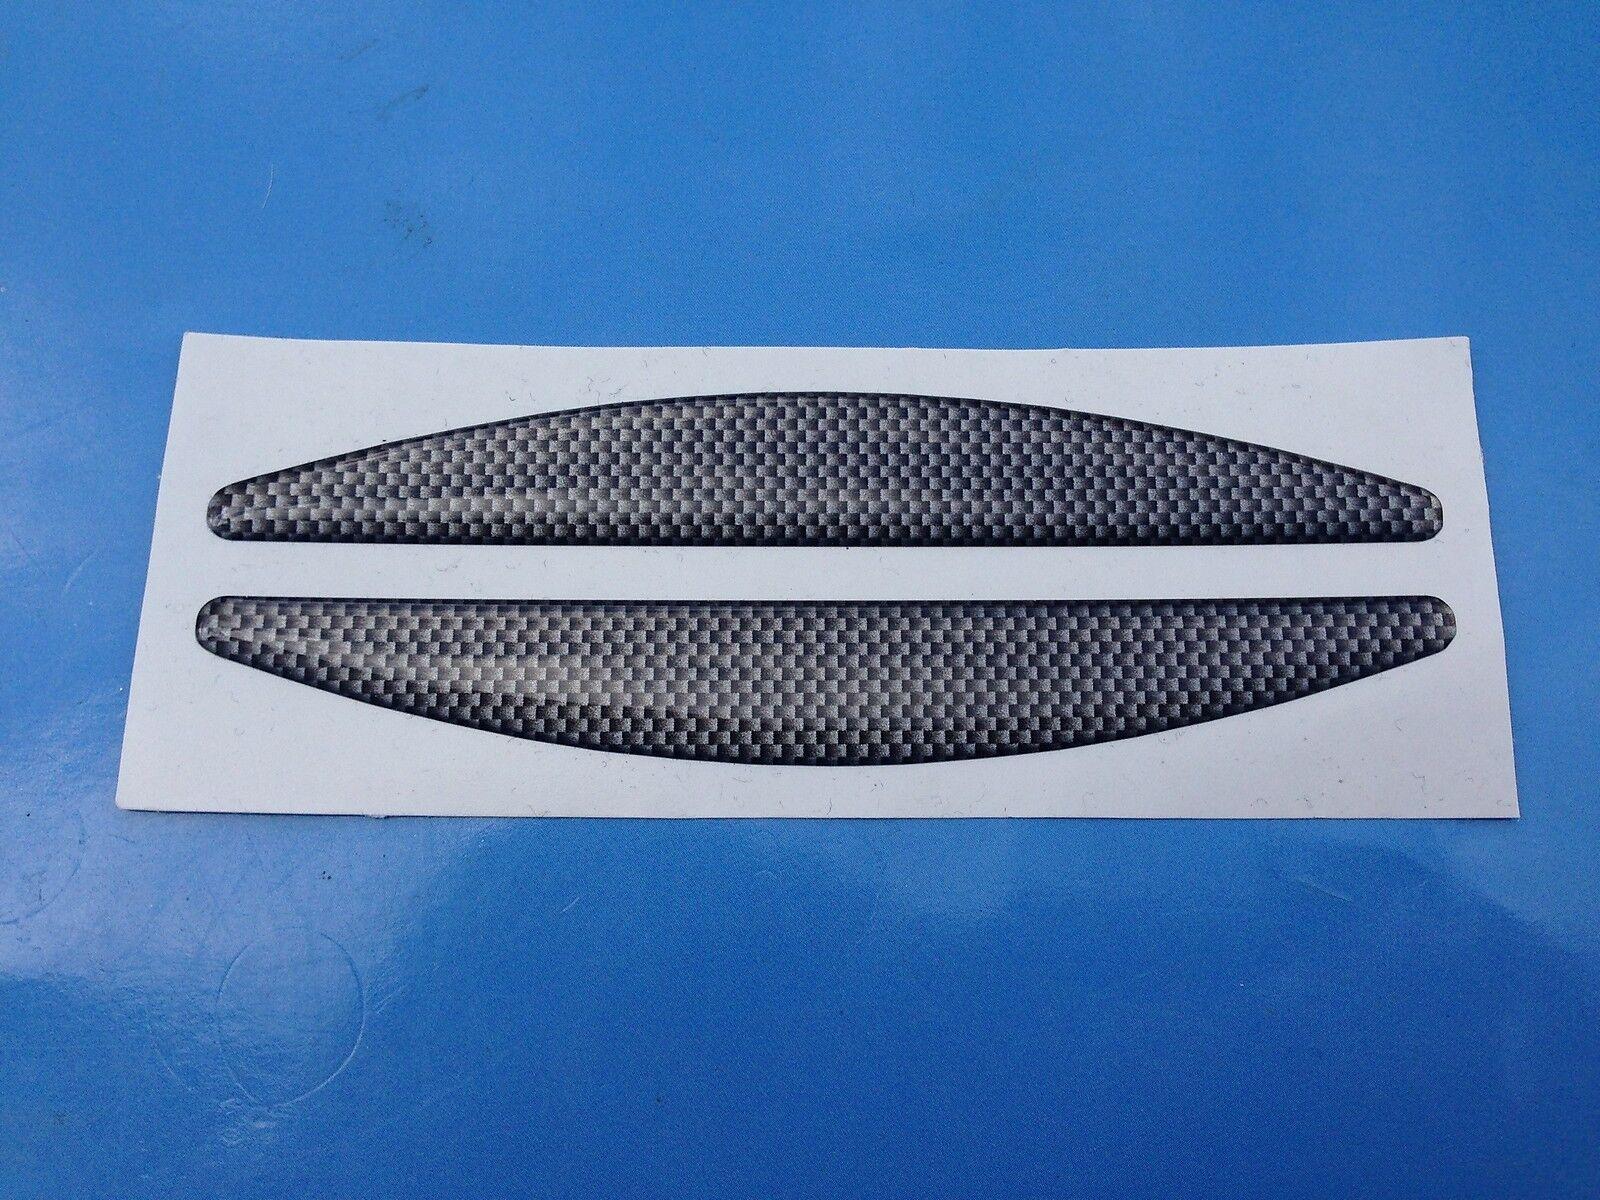 מודרניסטית מגיני דלתות (נערך. מיותר לציין שזה לרכב. זה ברור) PM-66